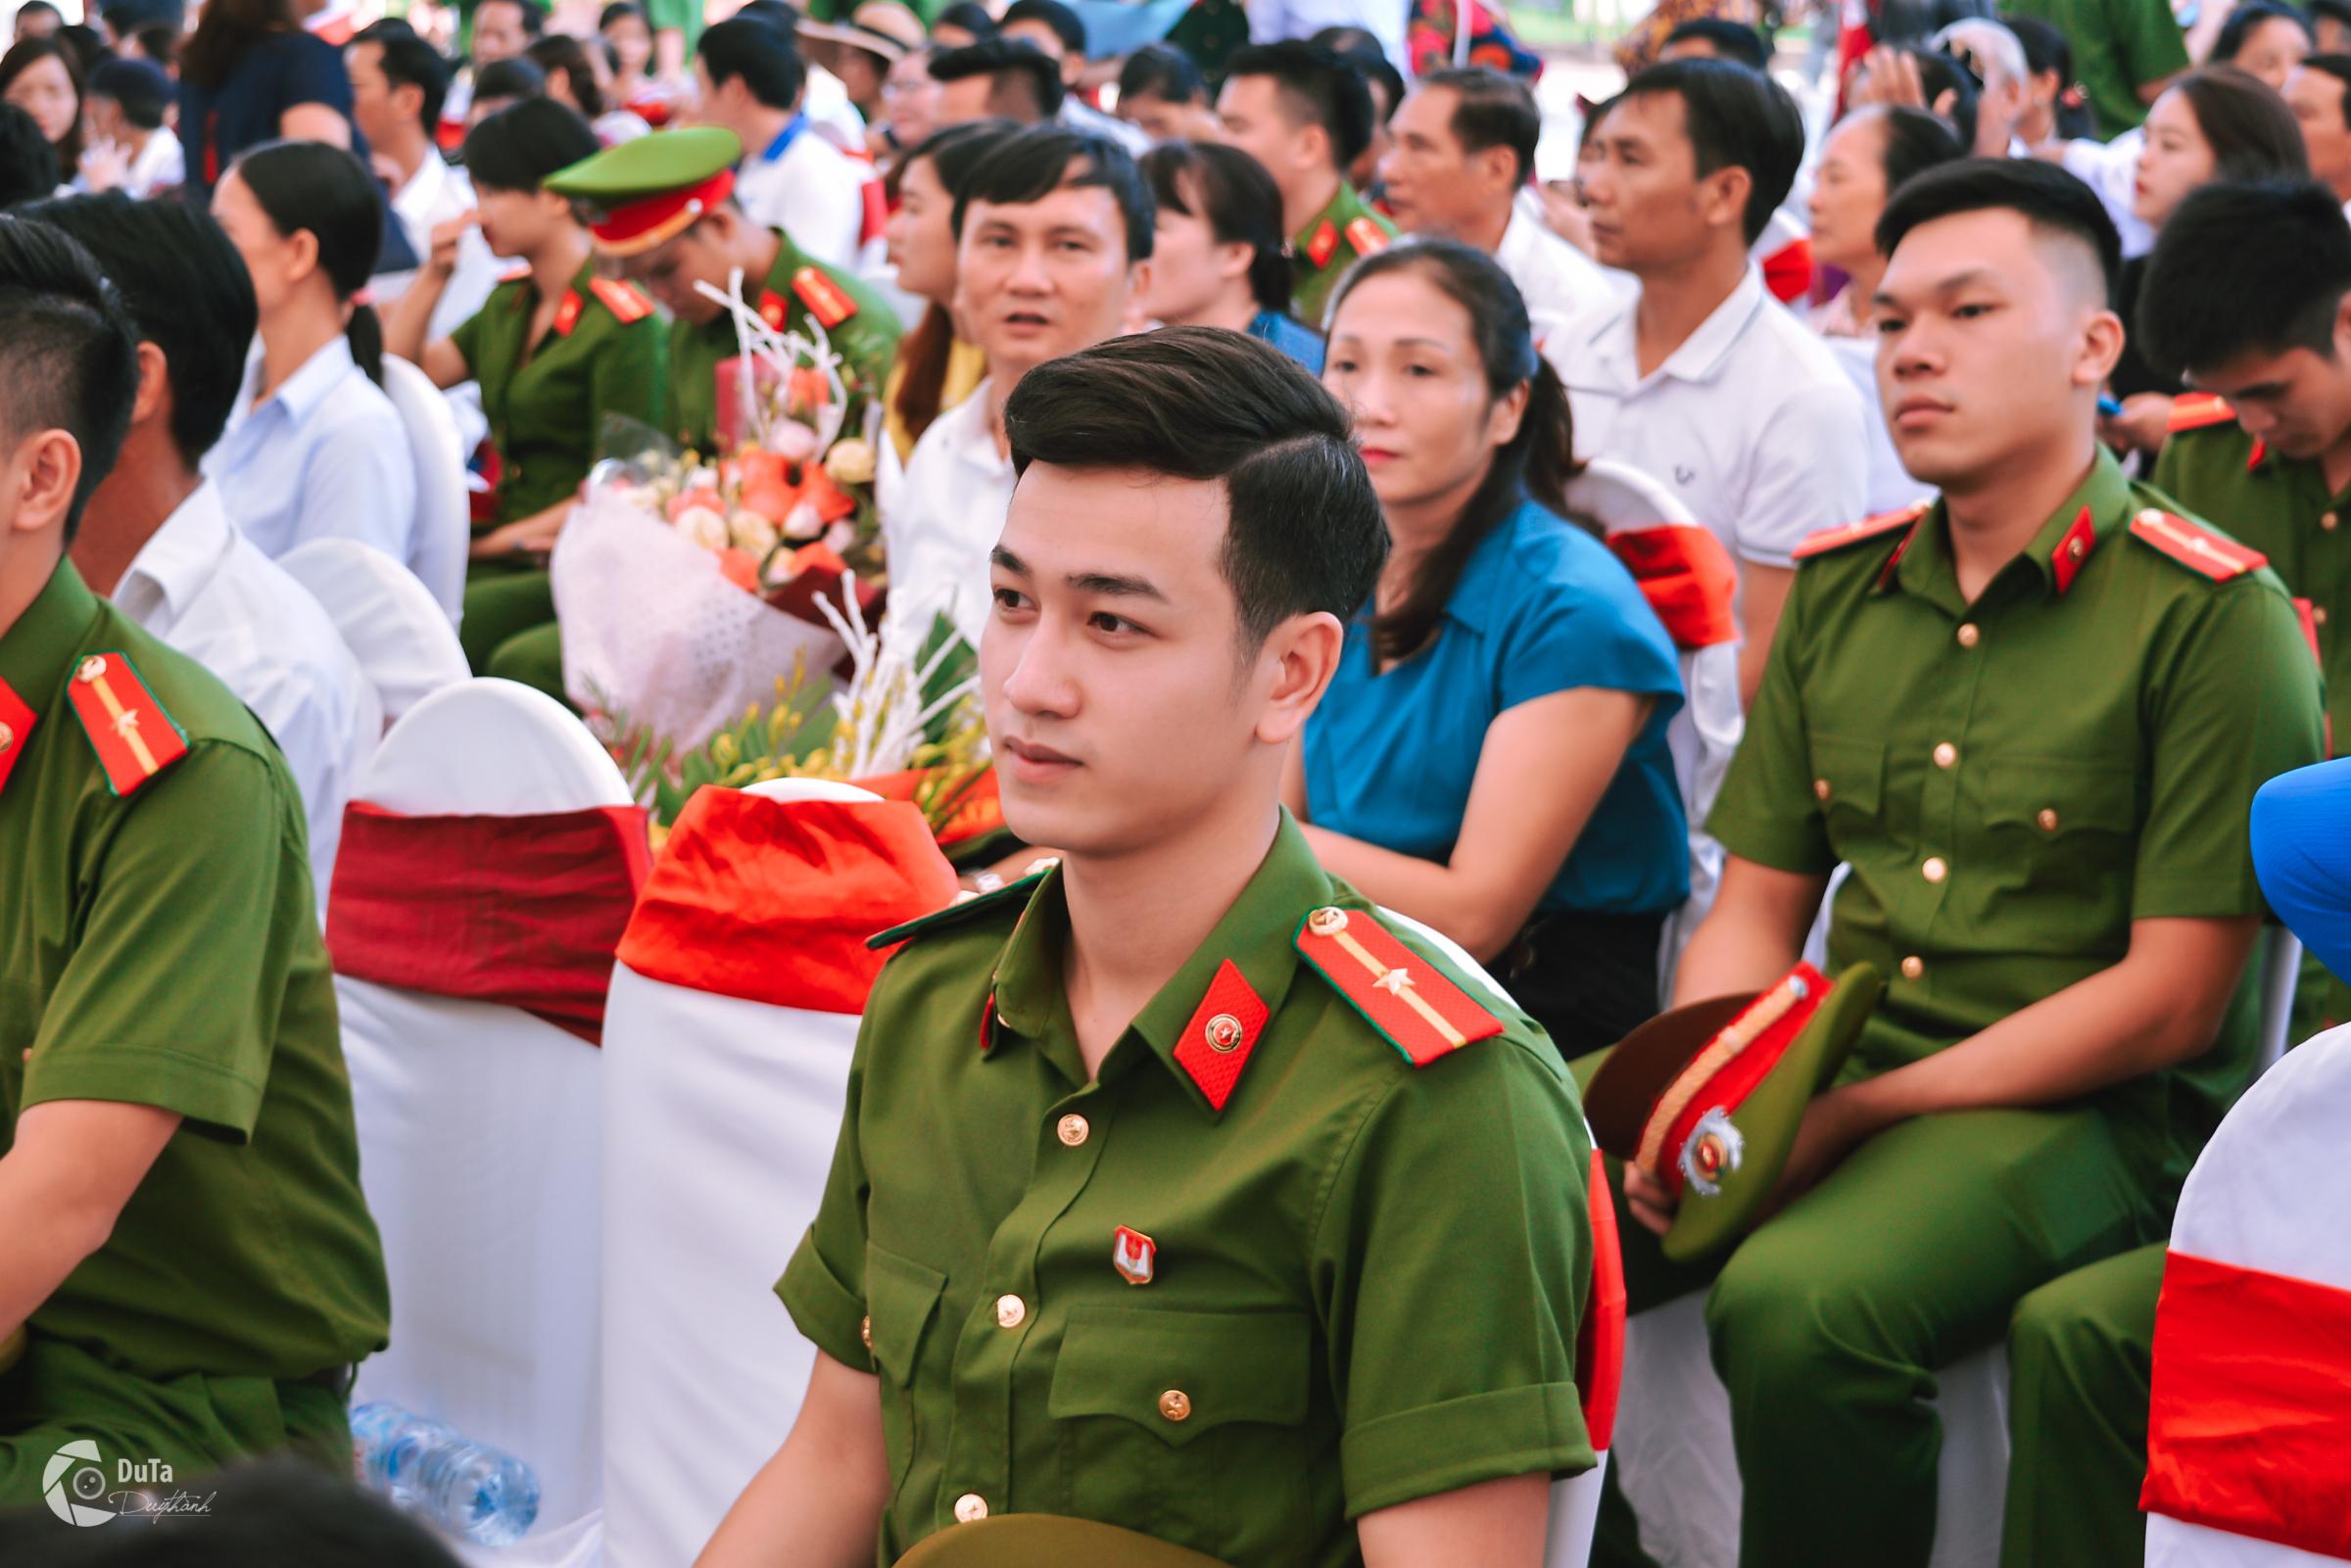 Chàng thiếu úy mới tốt nghiệp Học viện Cảnh sát Nhân dân điển trai như Idol - Ảnh 2.